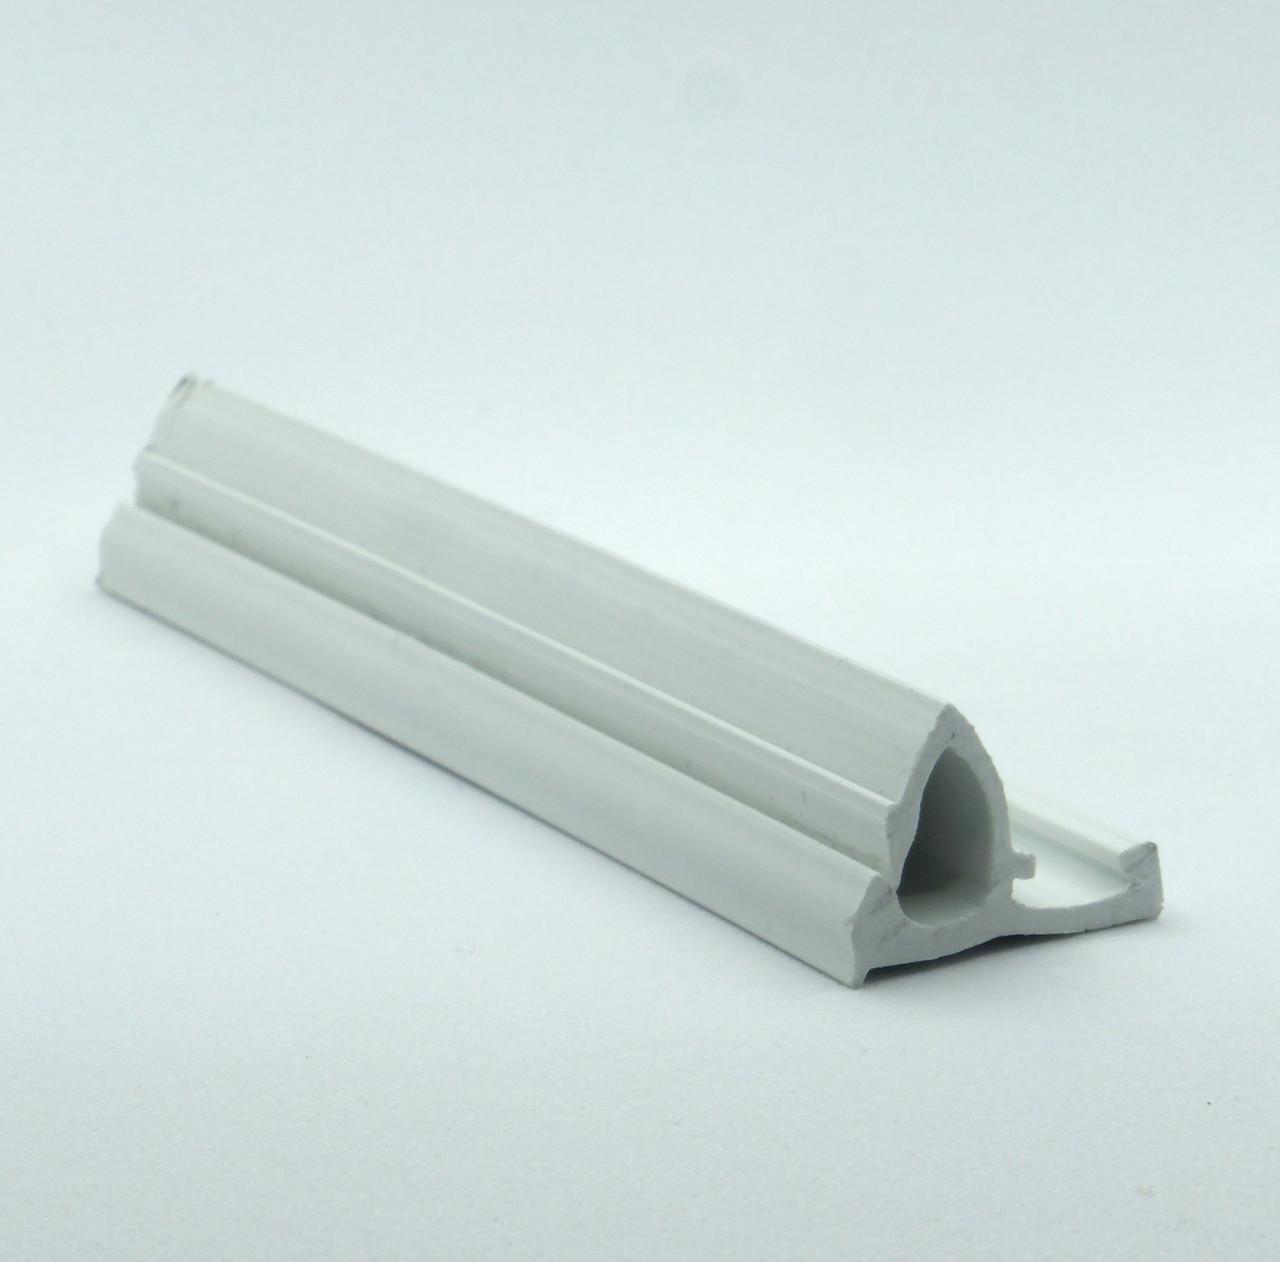 Профиль пластиковый для натяжных потолков - безгарпунная система (стеновой). Длина профиля 2 м.